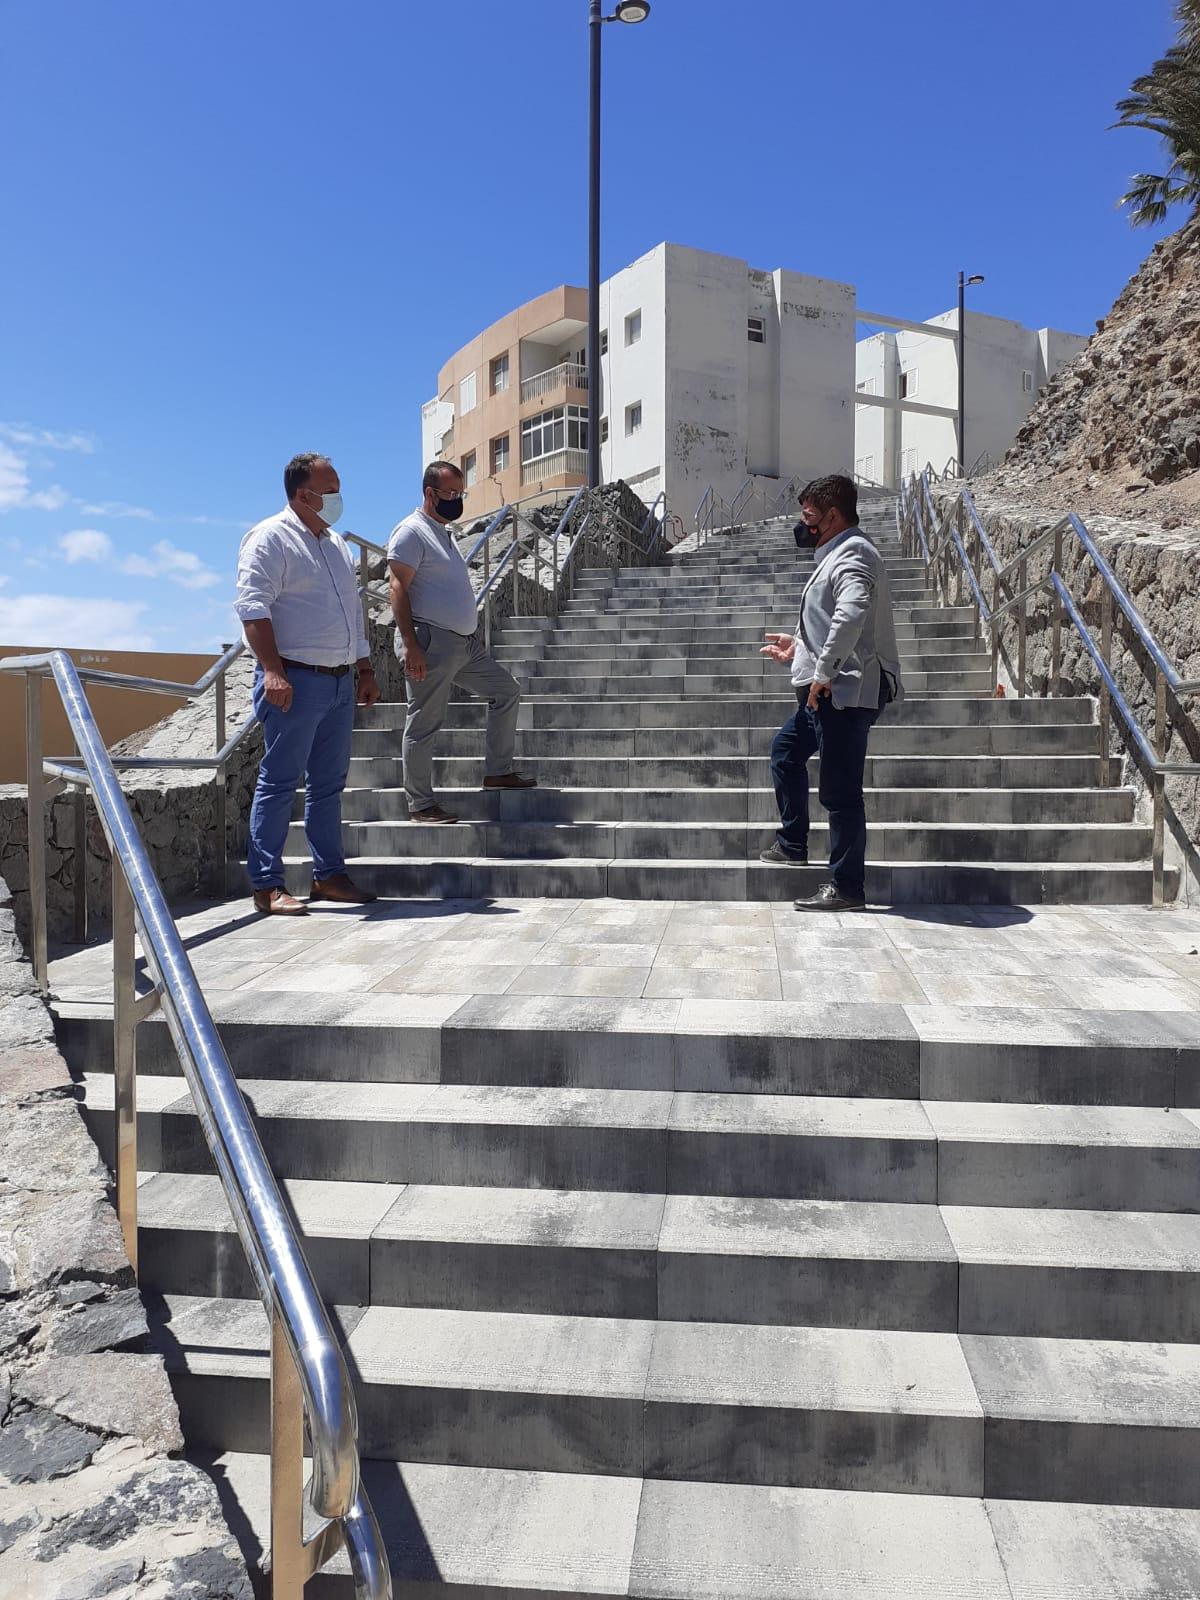 Pájara construye una escalera para mejorar la accesibilidad en el Barranco del Ciervo